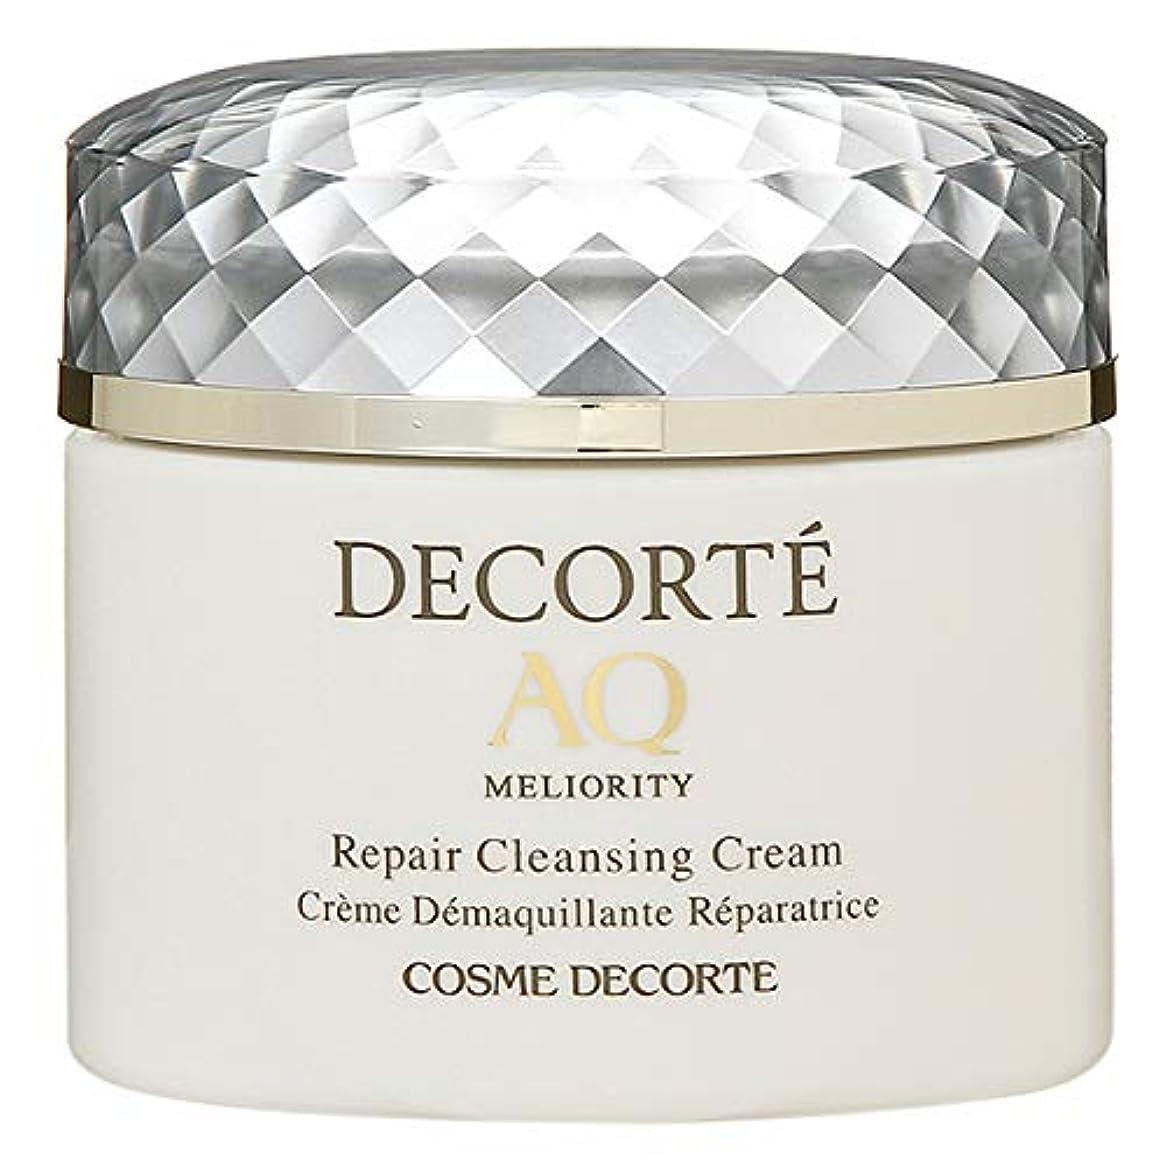 なんでも思想穏やかなコスメ デコルテ(COSME DECORTE) AQミリオリティ リペア クレンジングクリーム 150g [並行輸入品]